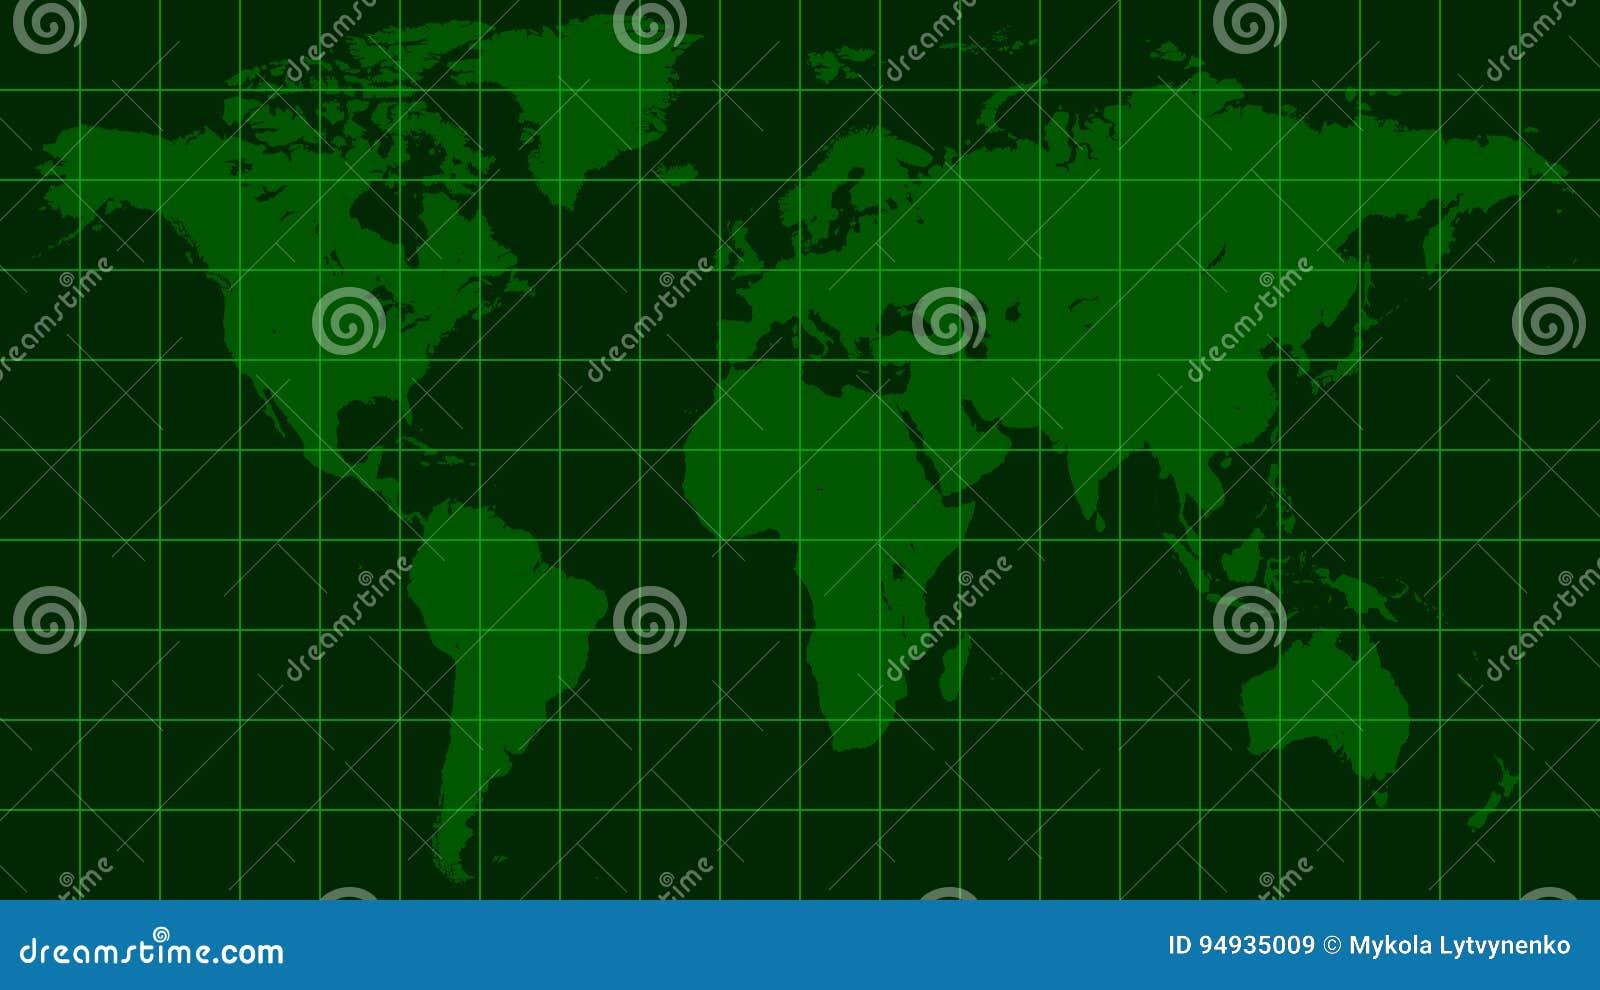 World map earth dark green radar screen matrix style stock vector world map earth dark green radar screen matrix style gumiabroncs Choice Image